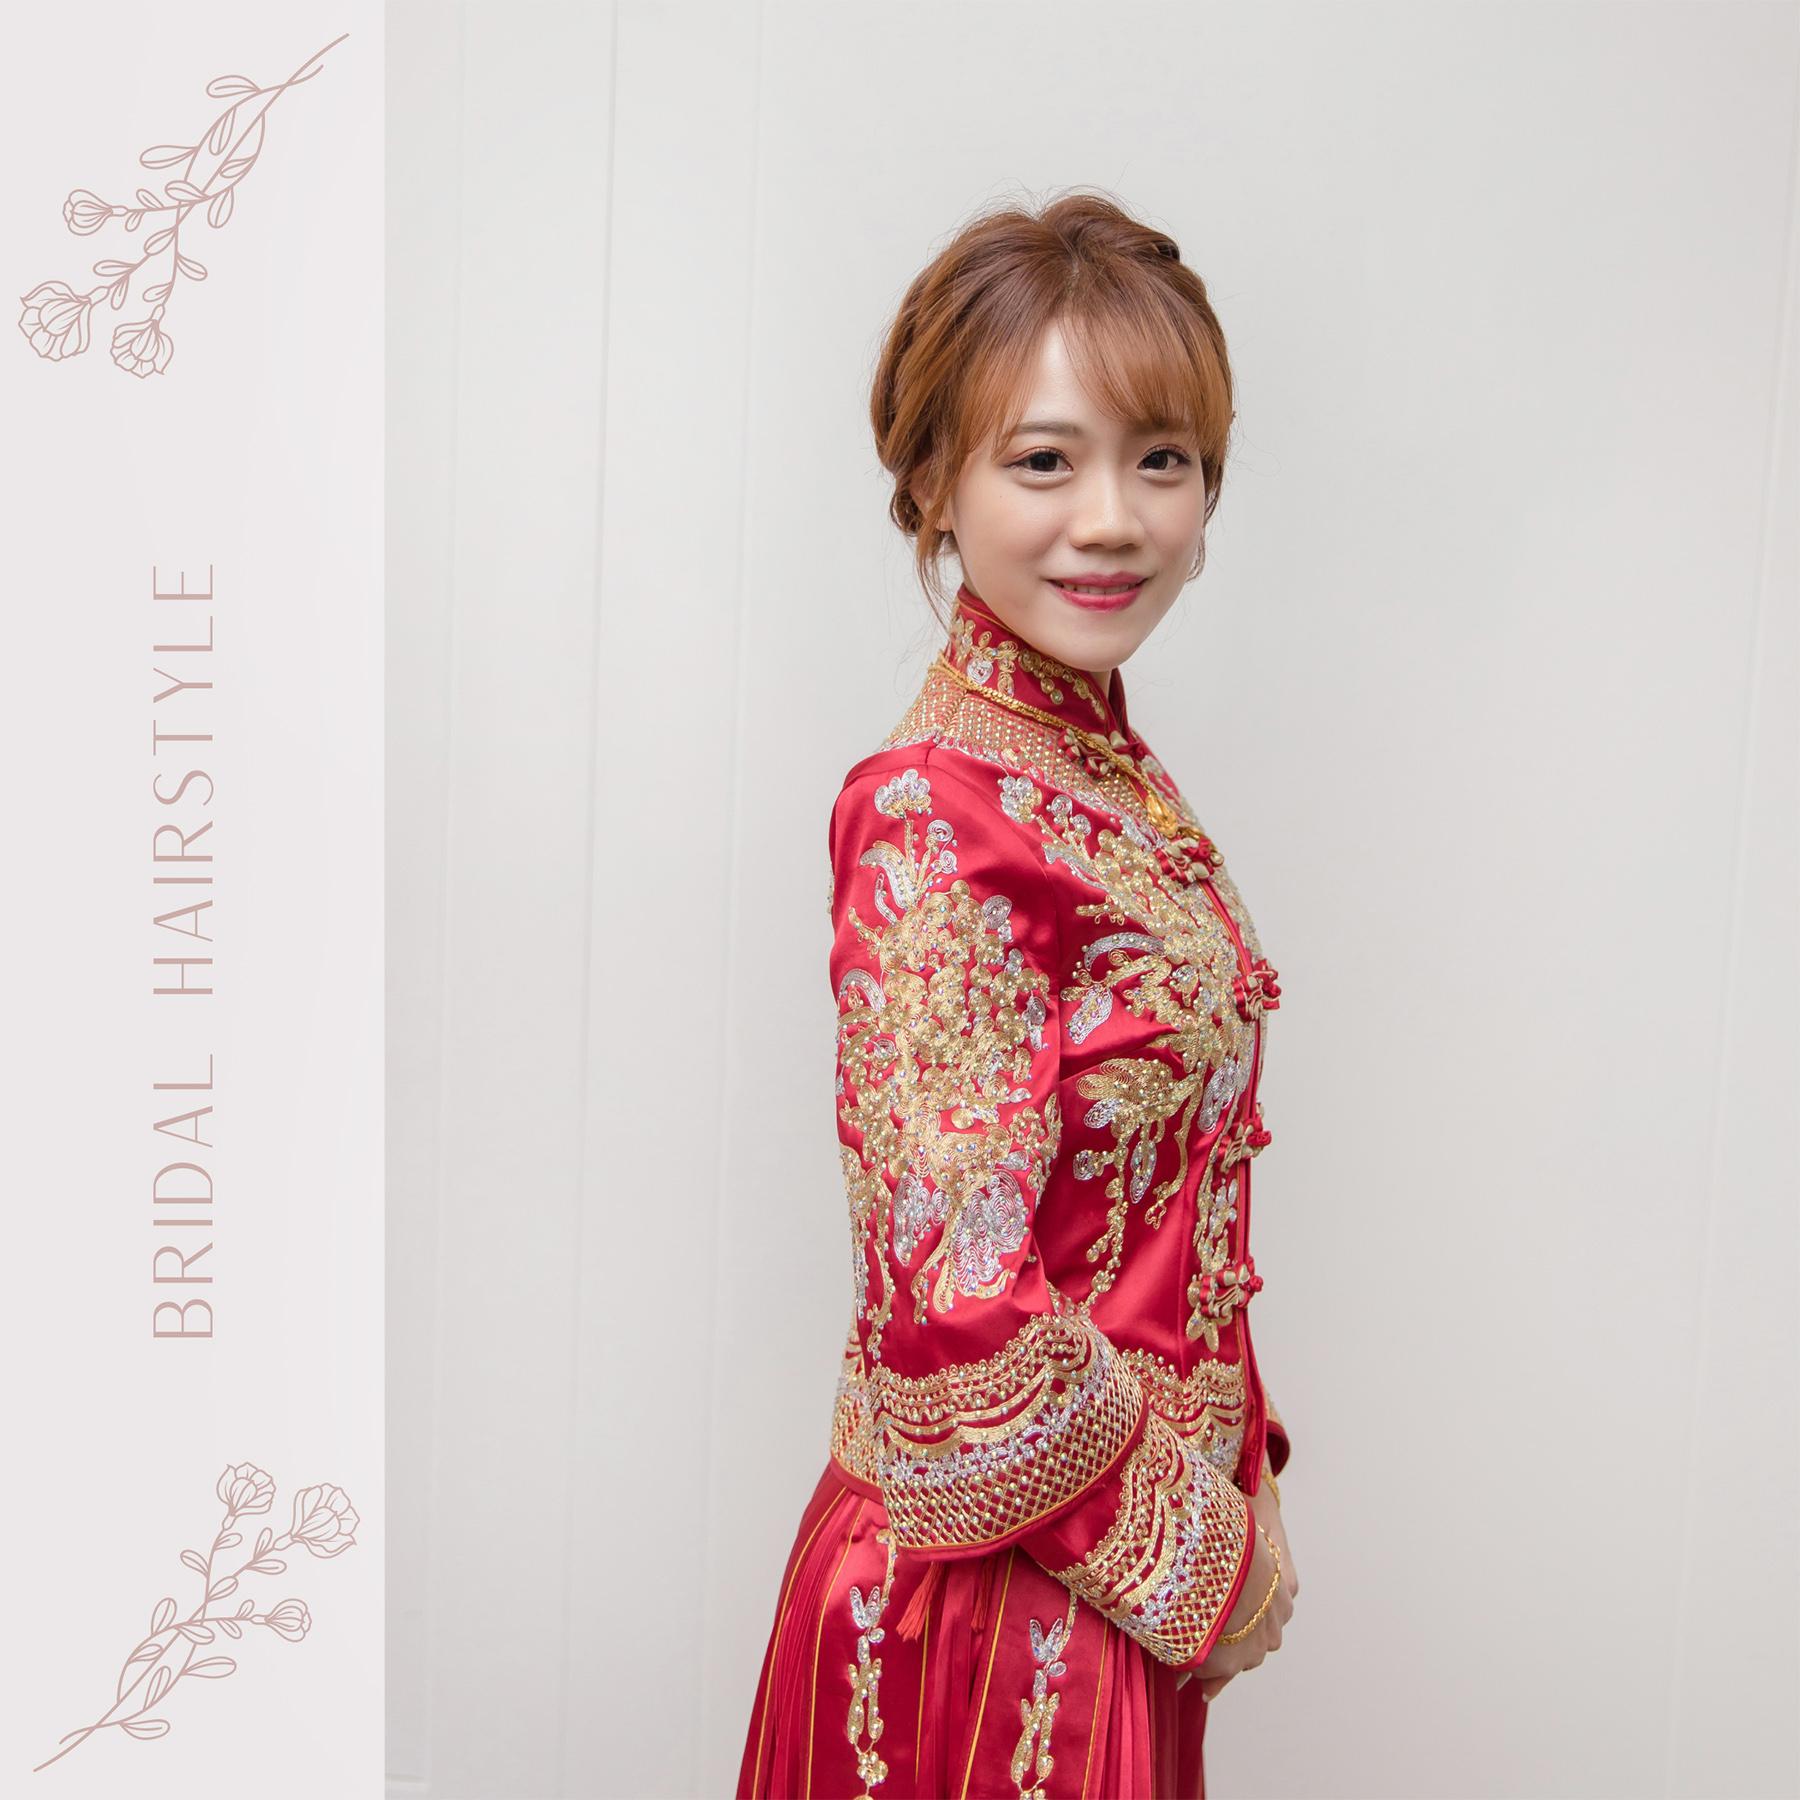 新娘造型, 新娘髮型, 編髮造型, 高雄新秘, 秀禾服造型, 秀禾服, 中式造型, 秀禾服髮型, 新秘Yuki, 中式禮服